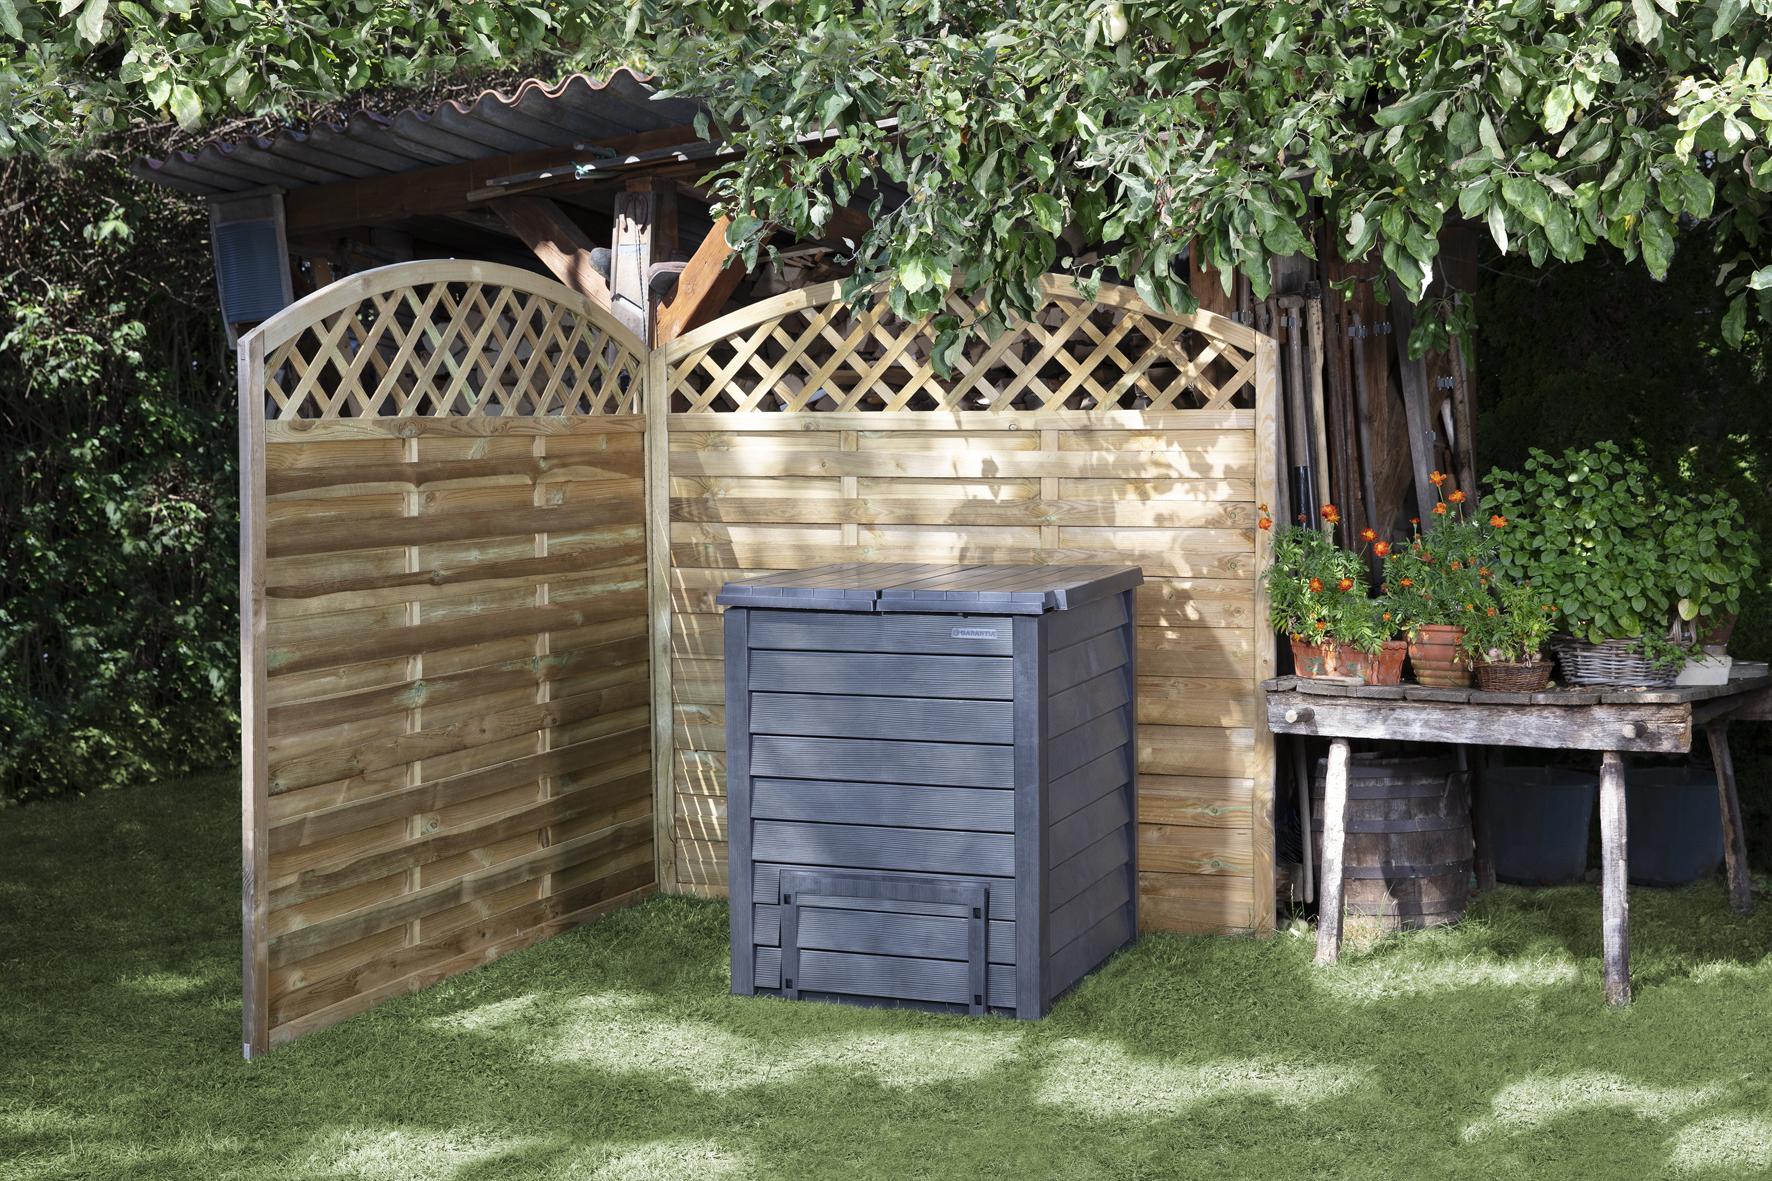 Komposter / Thermokomposter Thermo-Wood 600L braun GARANTIA 626050 Bild 3